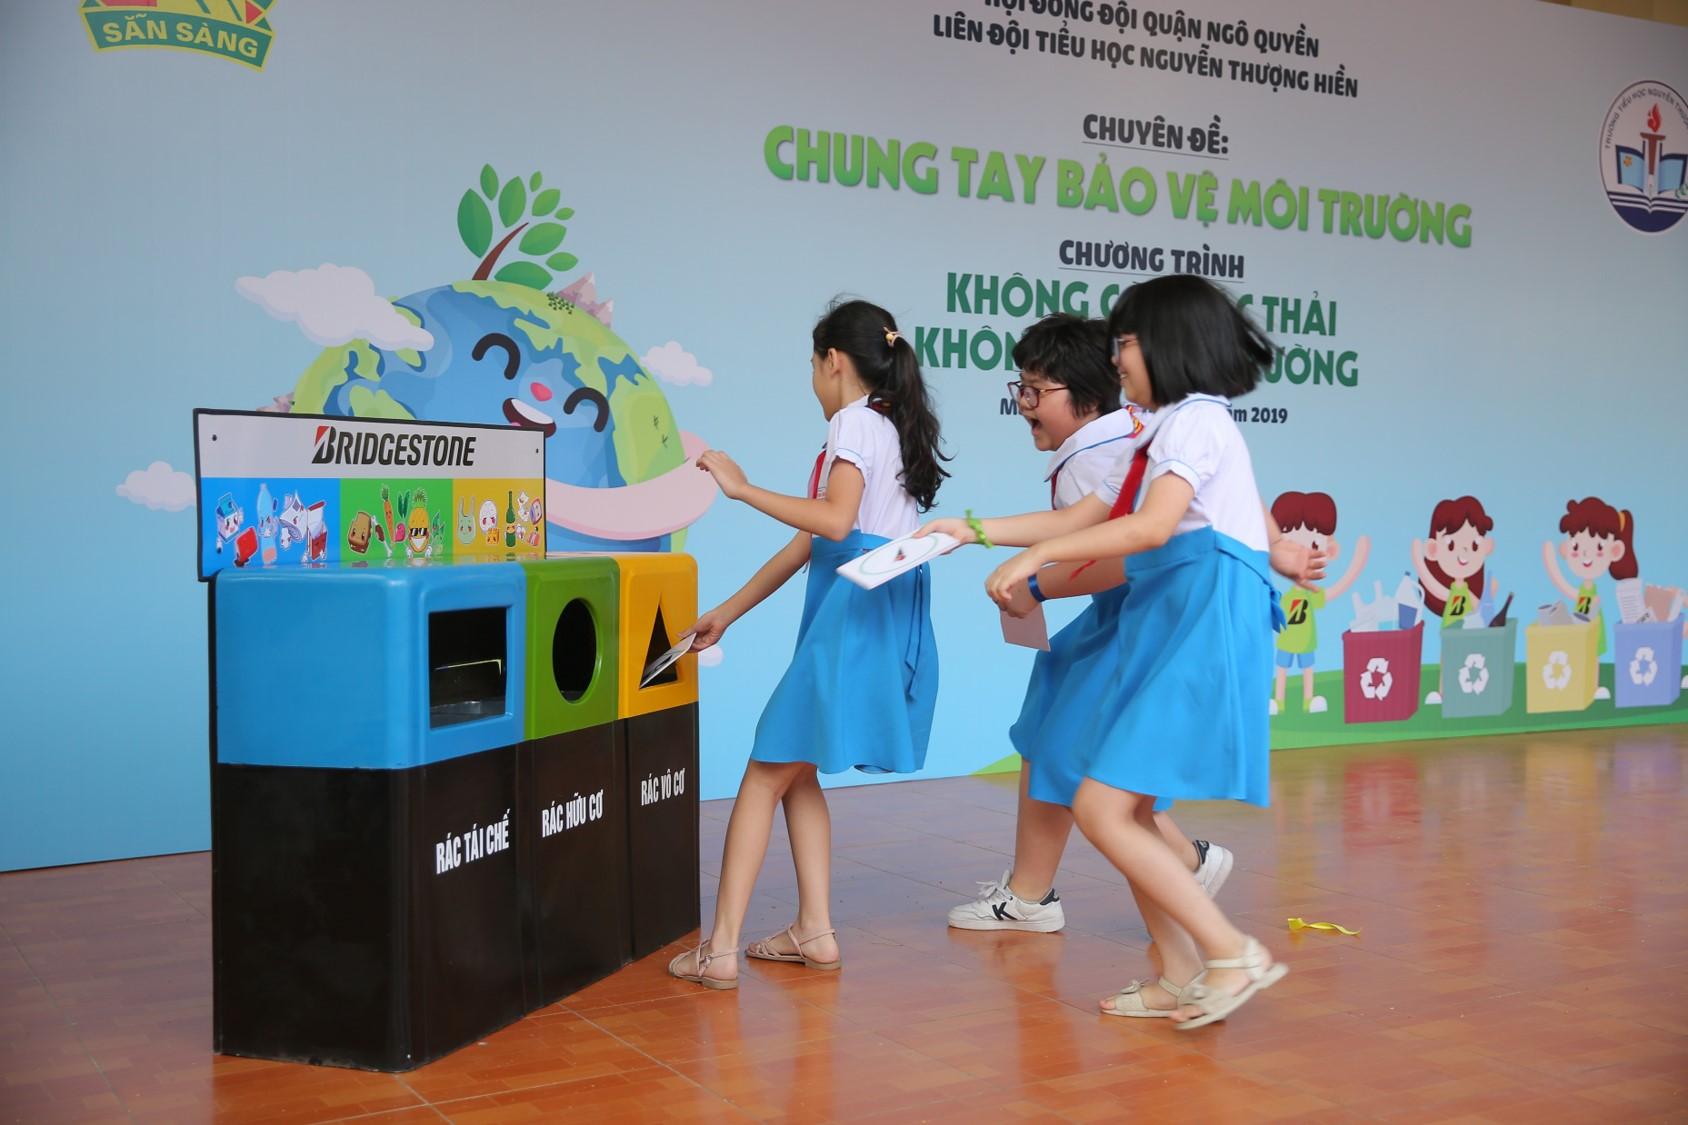 Bridgestone Việt Nam và hành trình xây dựng ý thức xanh cho trẻ em tiểu học - Hình 1